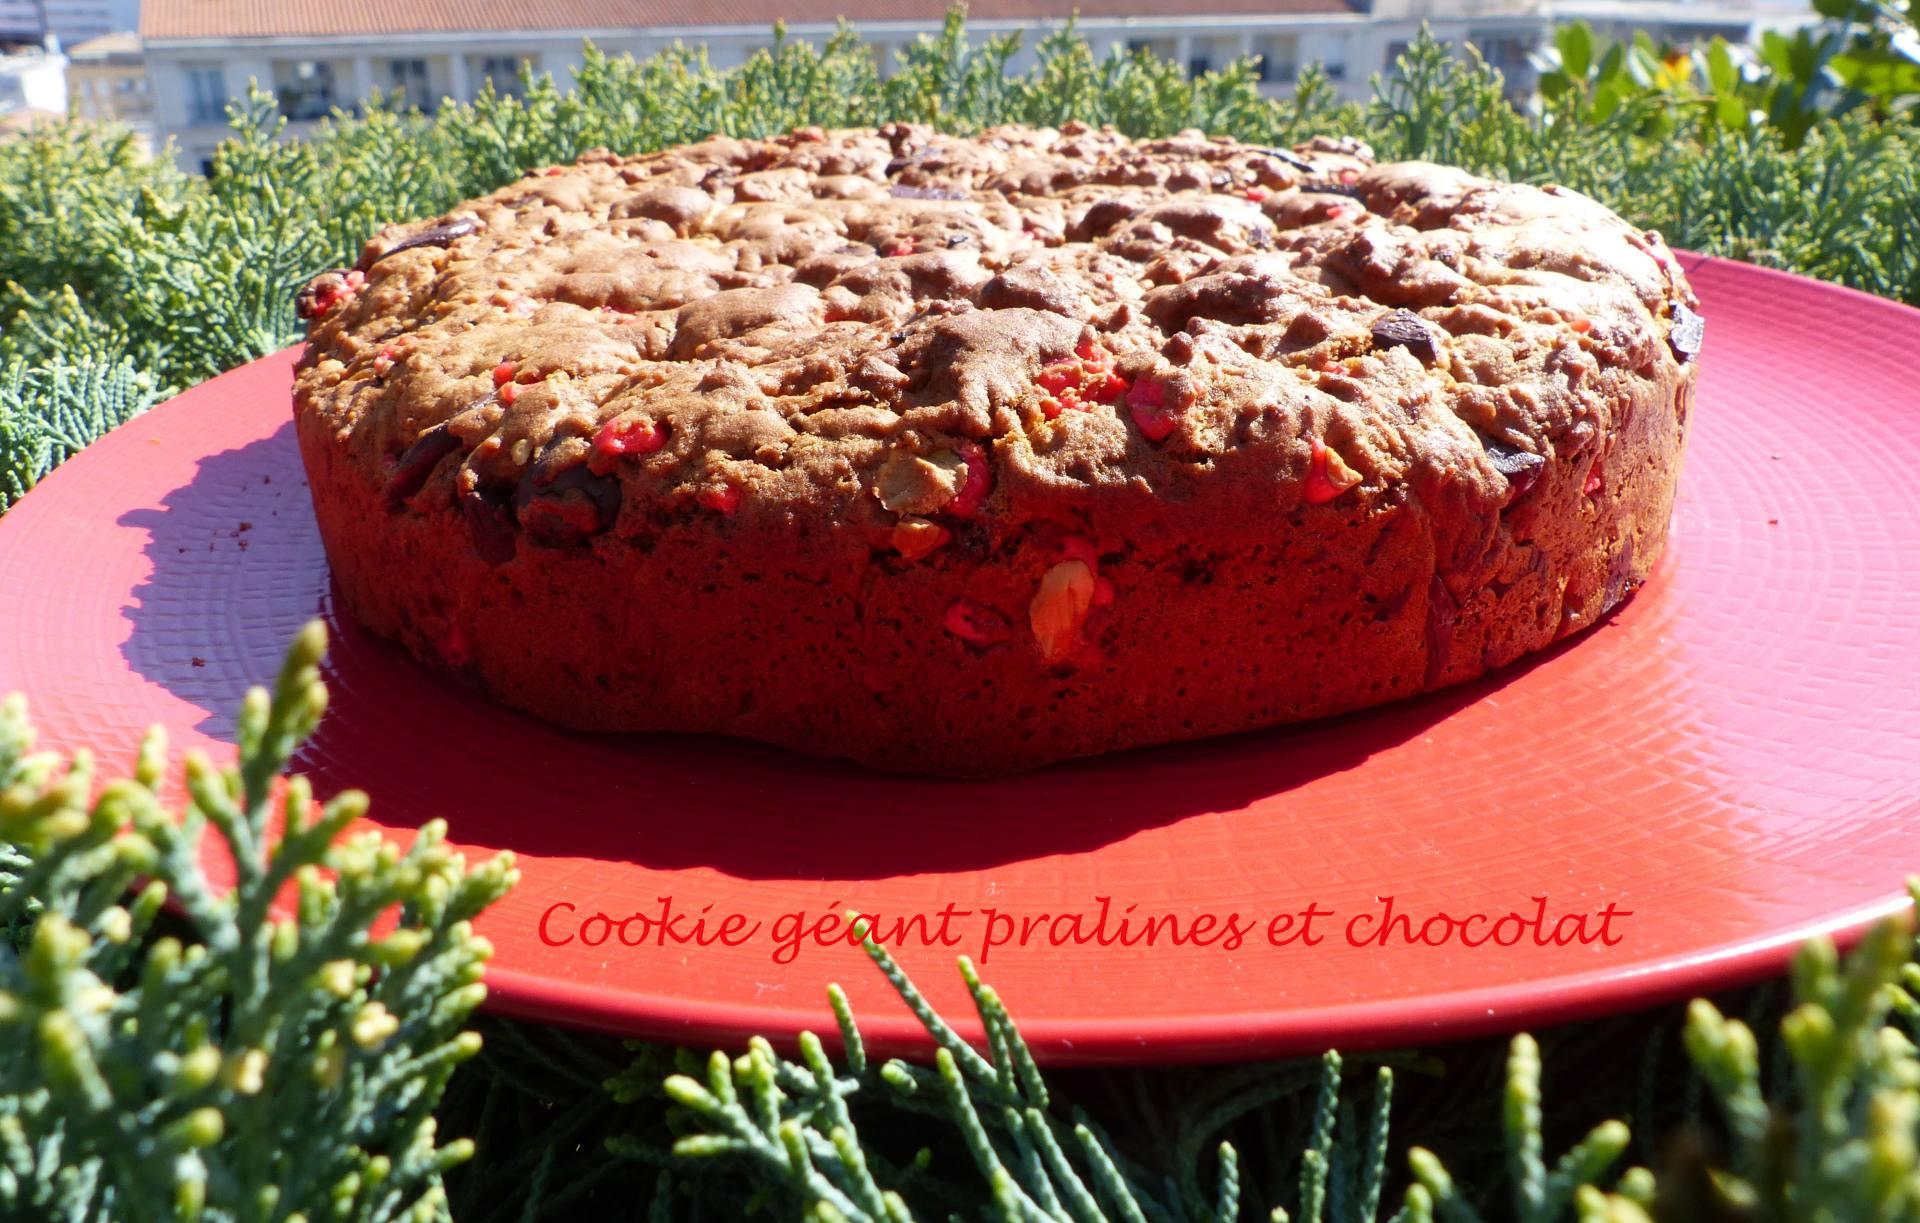 Cookie géant pralines et chocolat P1160851 R